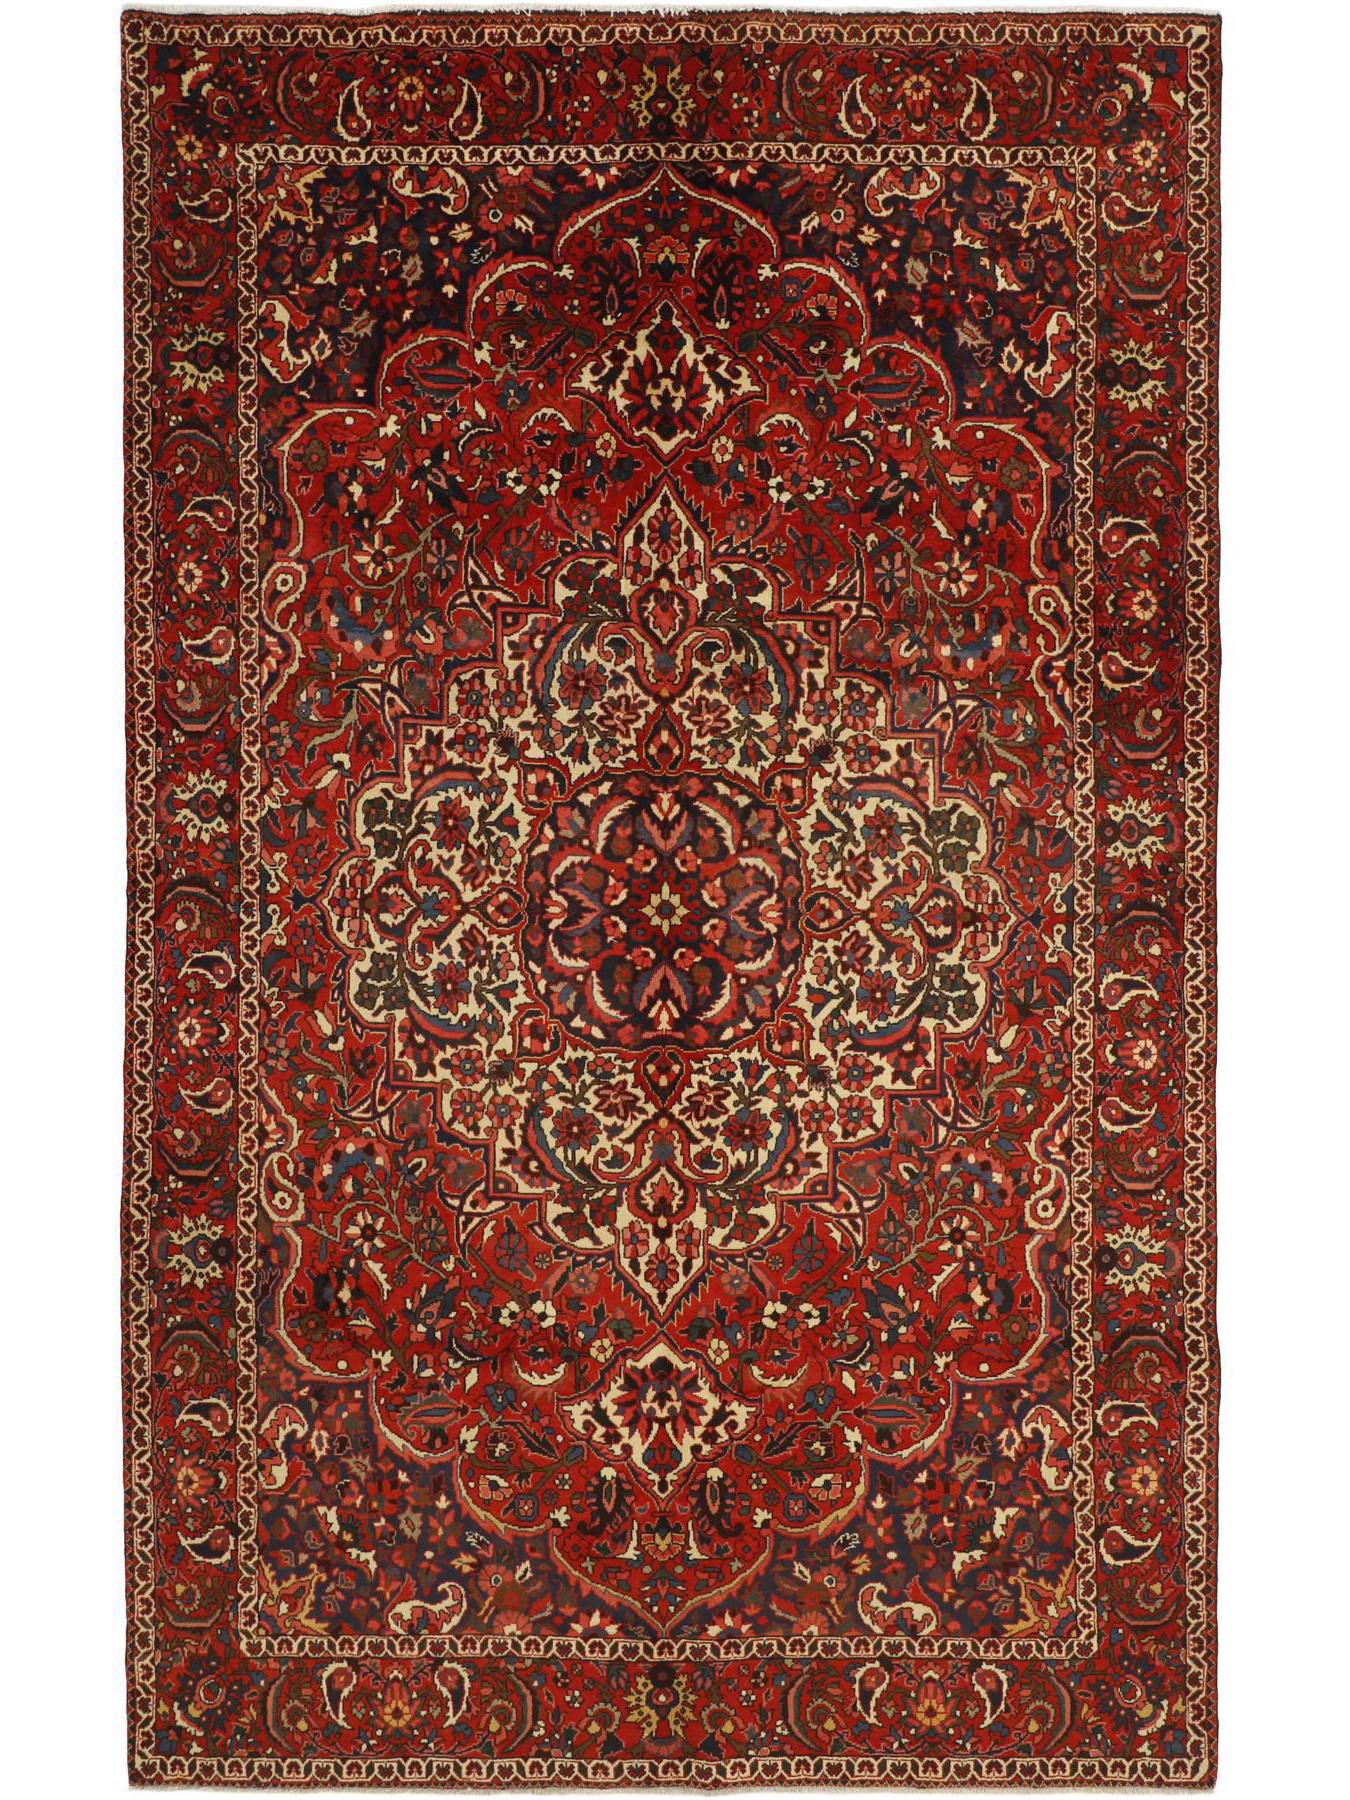 Perzische tapijten - Bakhtiar